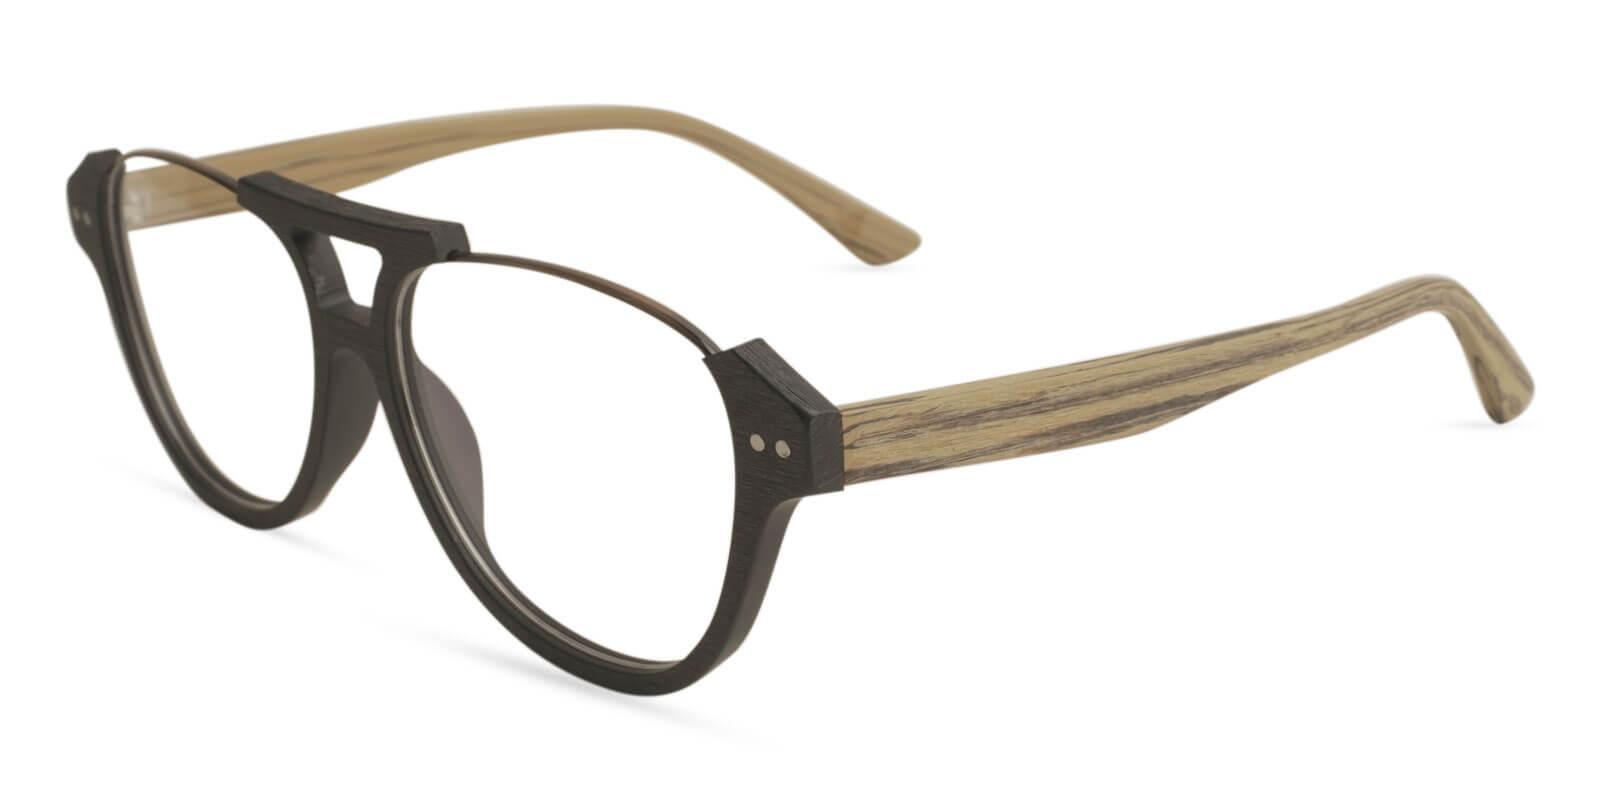 Ocean Gate Cream Combination Eyeglasses , UniversalBridgeFit Frames from ABBE Glasses